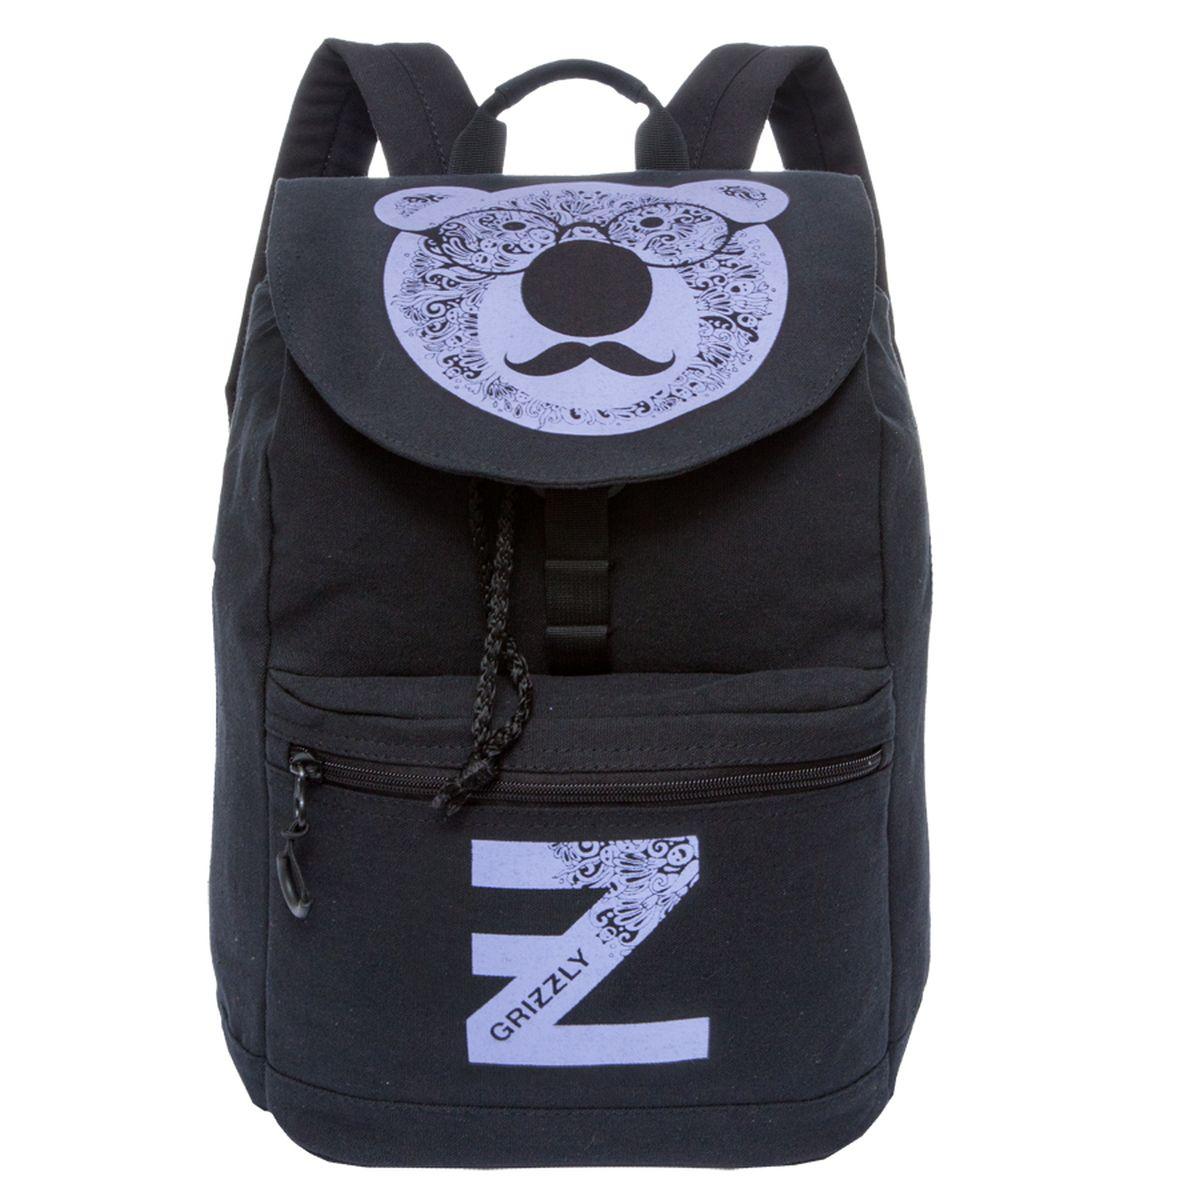 Рюкзак молодежный Grizzly, цвет: черный-лиловый. 18 л. RD-744-1/3RD-744-1/3Рюкзак молодежный, одно отделение, клапан на пряжке-крючкеобъемный карман на молнии на передней стенке, карман для гаджета,внутренний карман на молнии, укрепленная спинка, дополнительная ручка-петля, укрепленные лямки, закрывается затягивающимся шнуром